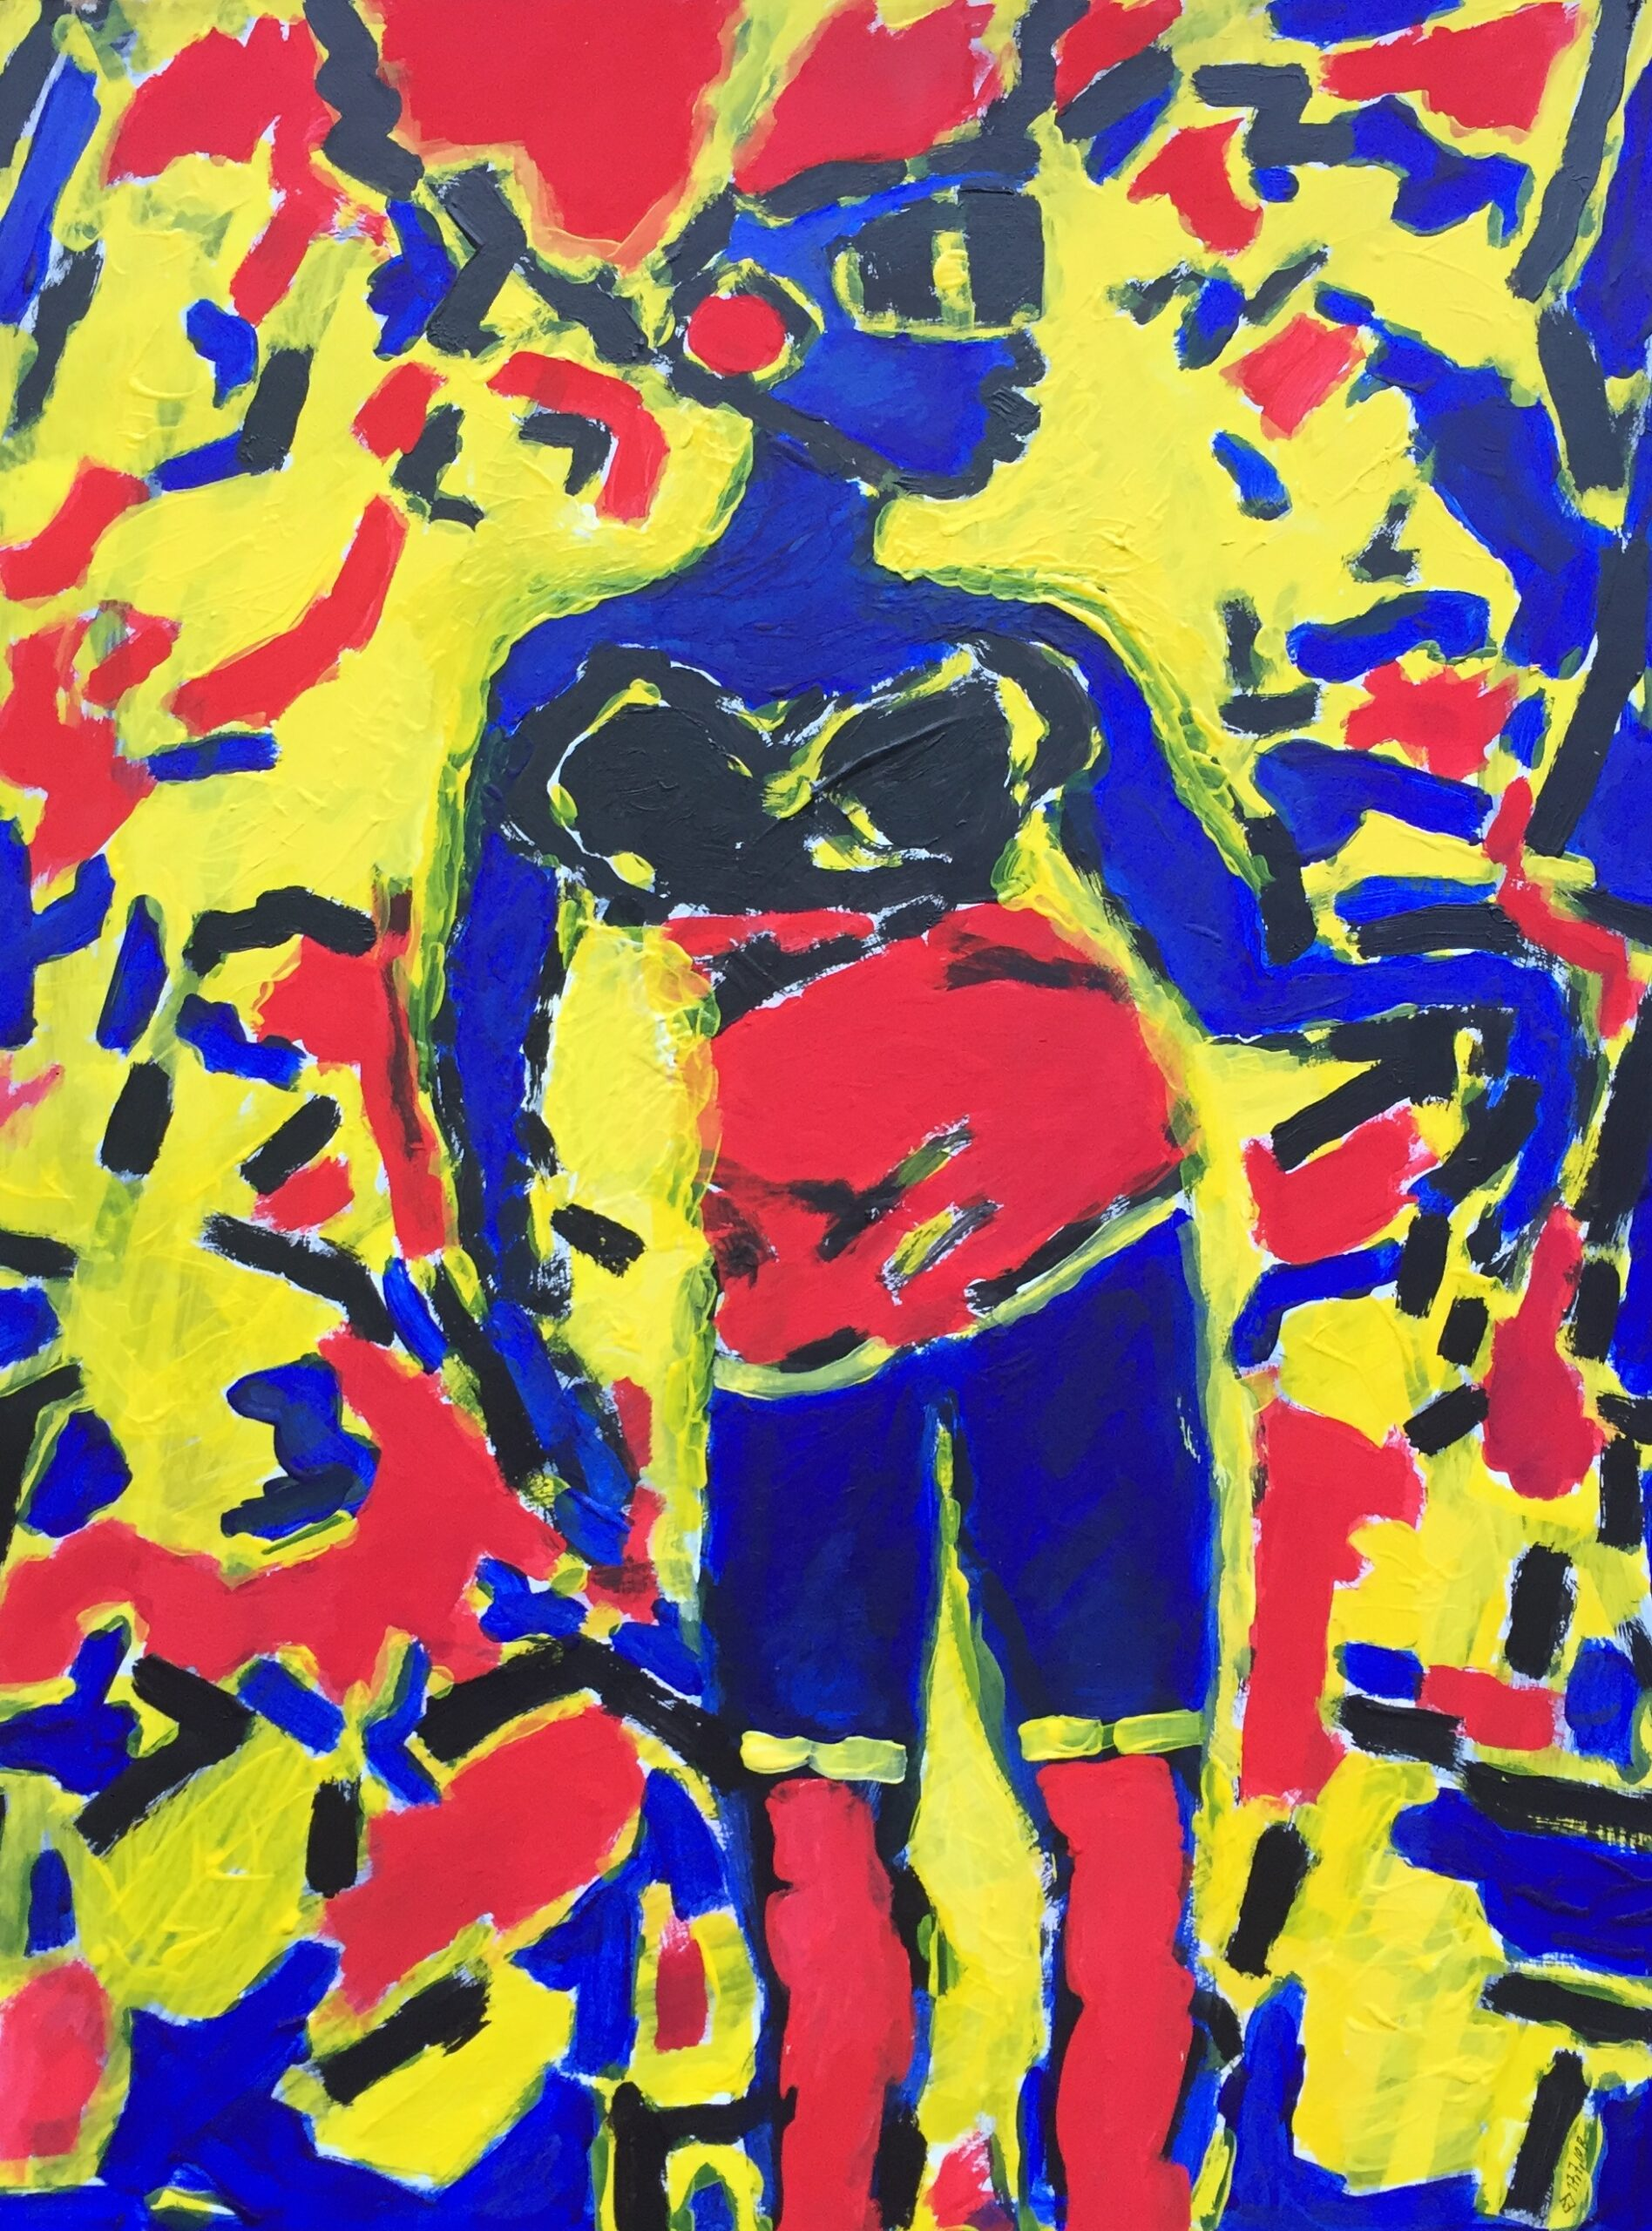 BLAUE FRAU, 60x80, Acryl auf Pappe, 2010